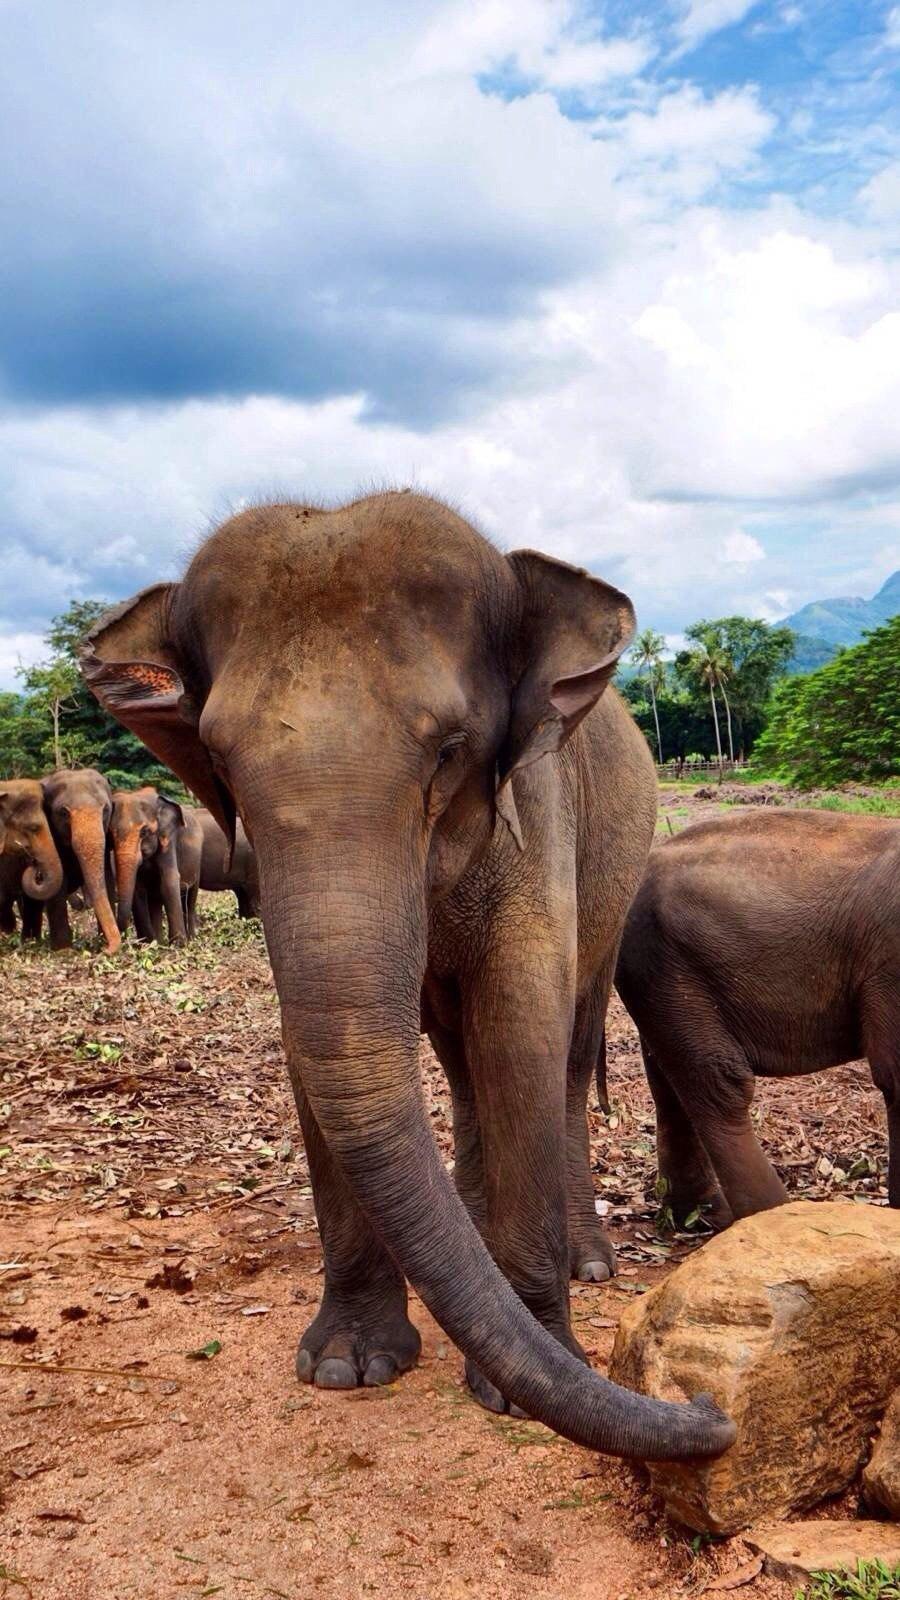 Elephant Orphanage(大象孤儿院)坐落于斯里兰卡中部Kegalle附近的小村庄Pinnawala,从科伦坡前往康提的公路途经此处。兰卡原始森林中到处可见被废弃的违禁开采玉石的简易矿井,往往有些小象掉进这些废井而坐以待毙。为收容从玉石矿井中救出和其他因种种不测与母象失散了的幼象,兰卡政府野生动物保护局于1975年开始修建了这座世界上独一无二的大象孤儿院。成立30多年来,孤儿院共收养了近百头大象,成年后的大象可以接受工作训练如帮助人们搬运木材等,这里是可以近距离欣赏和接触